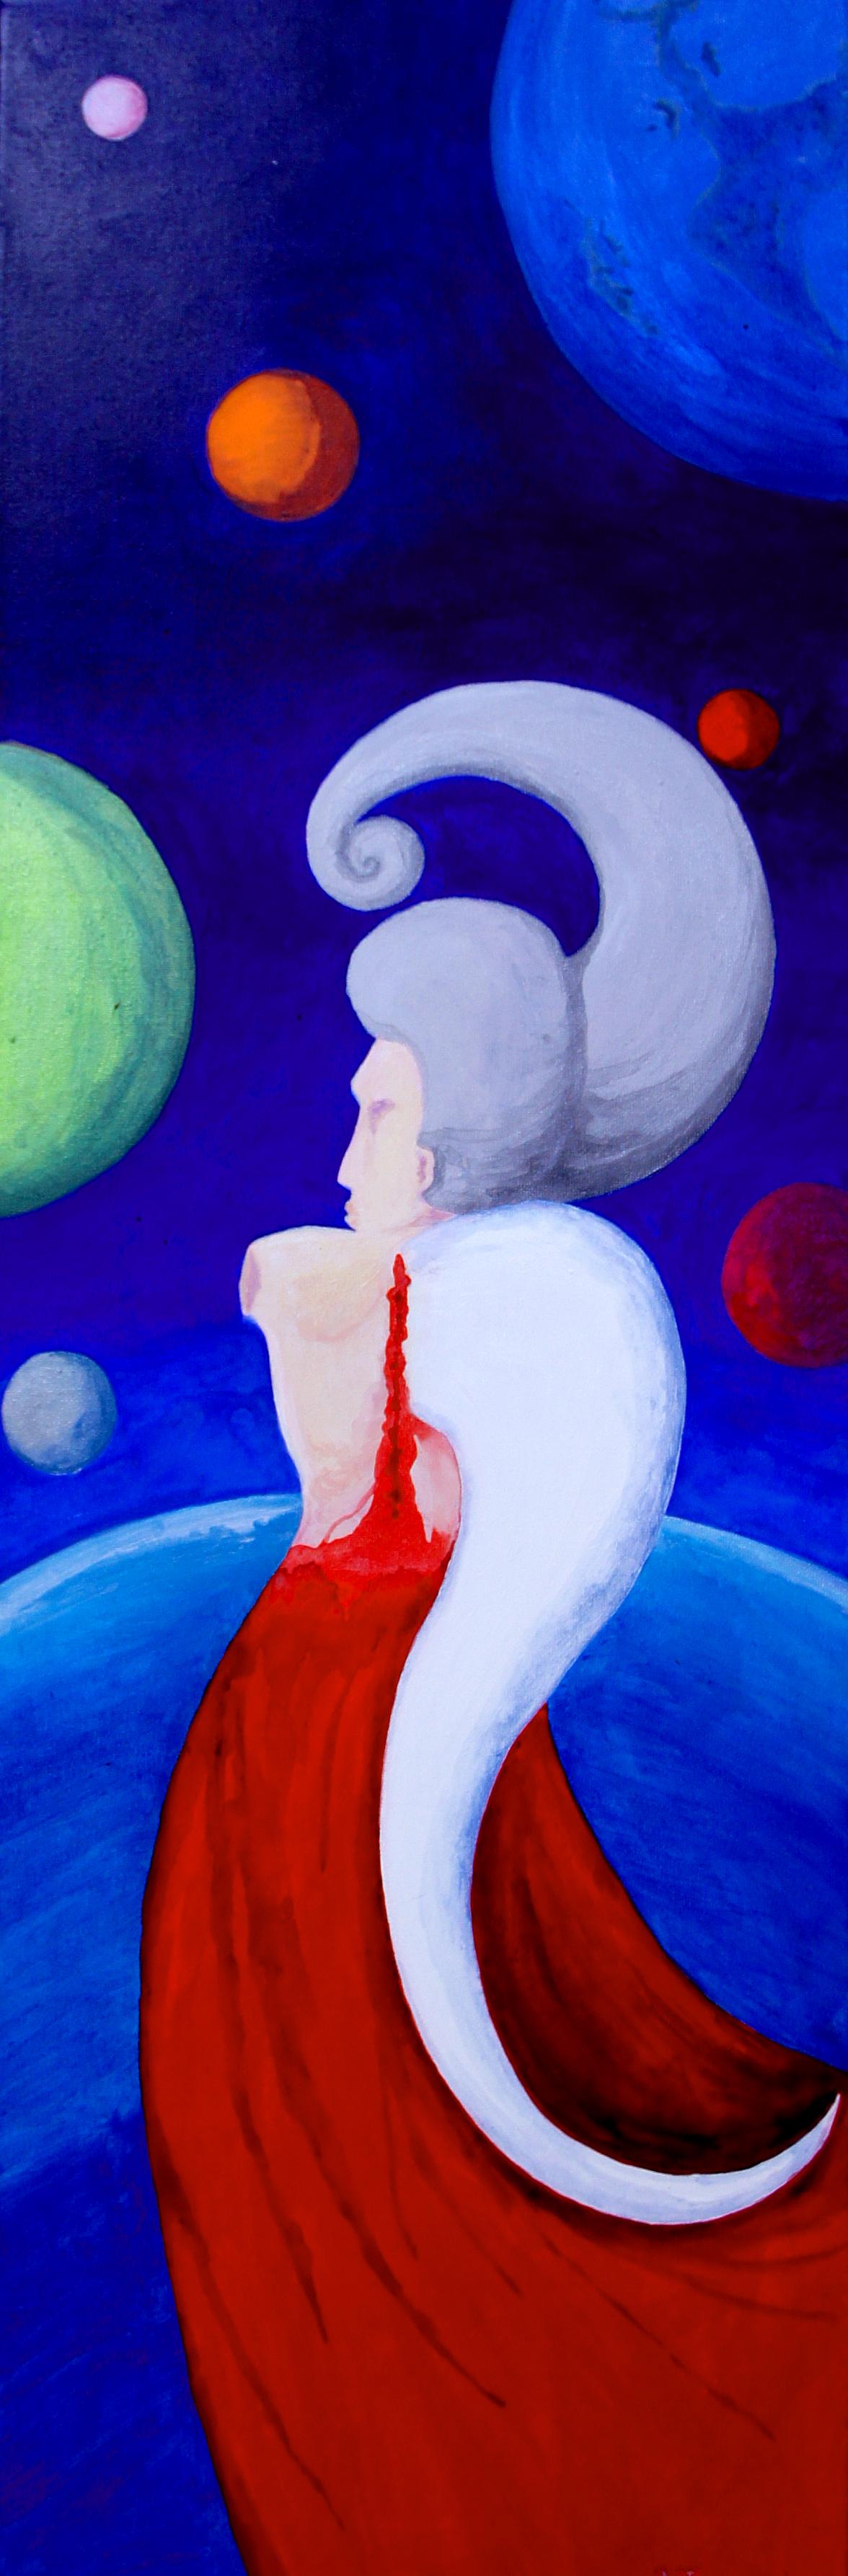 Agnieszka Targowska Peinture 2013